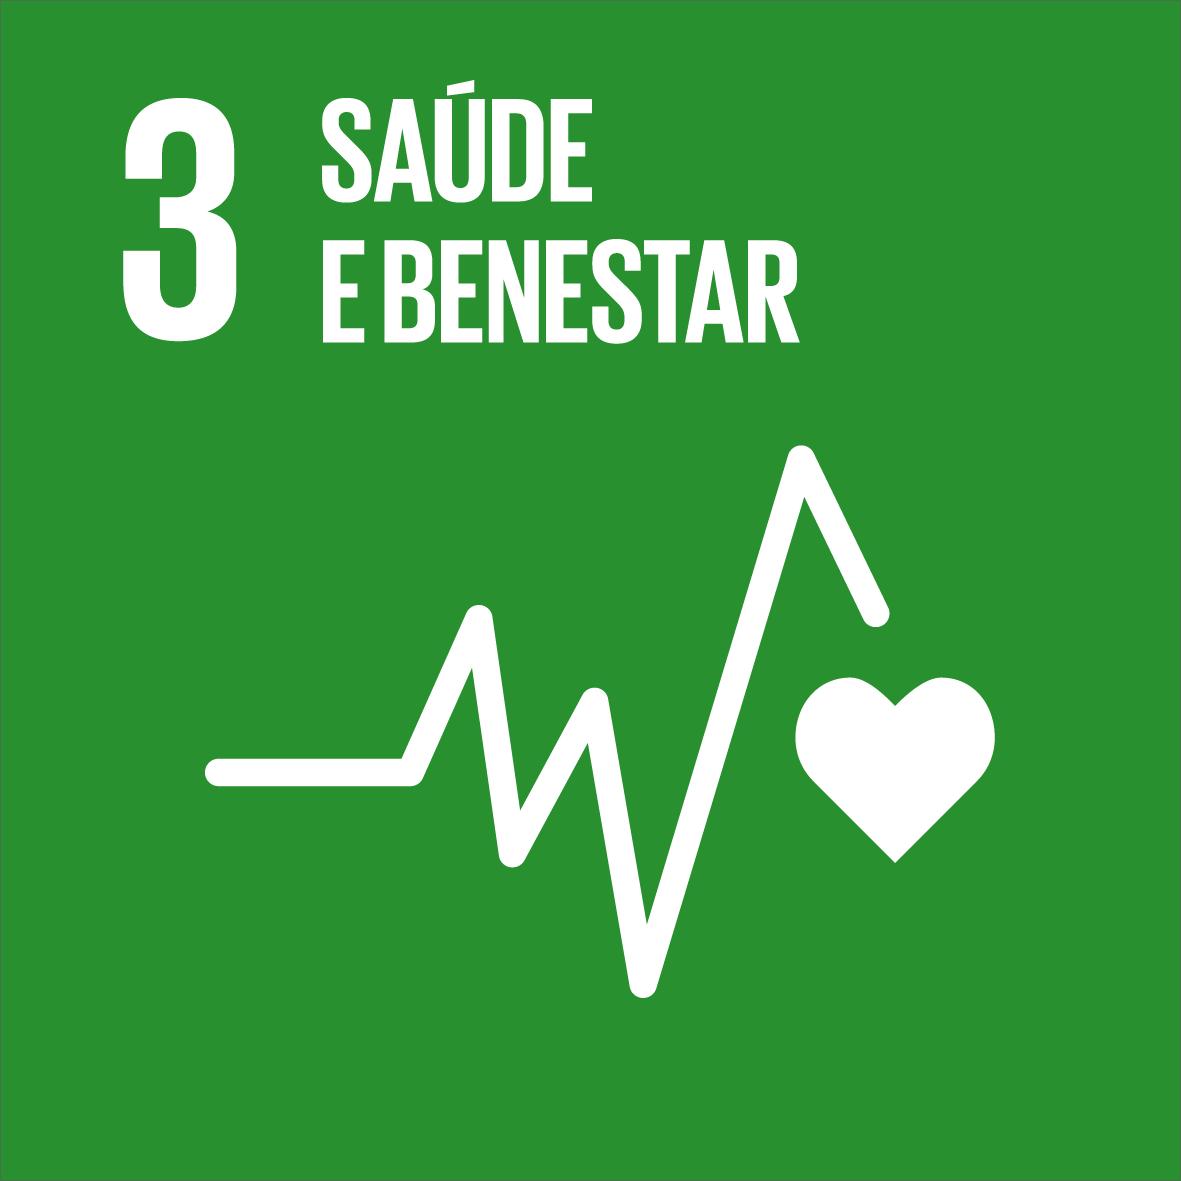 ODS 3: Saúde e benestar